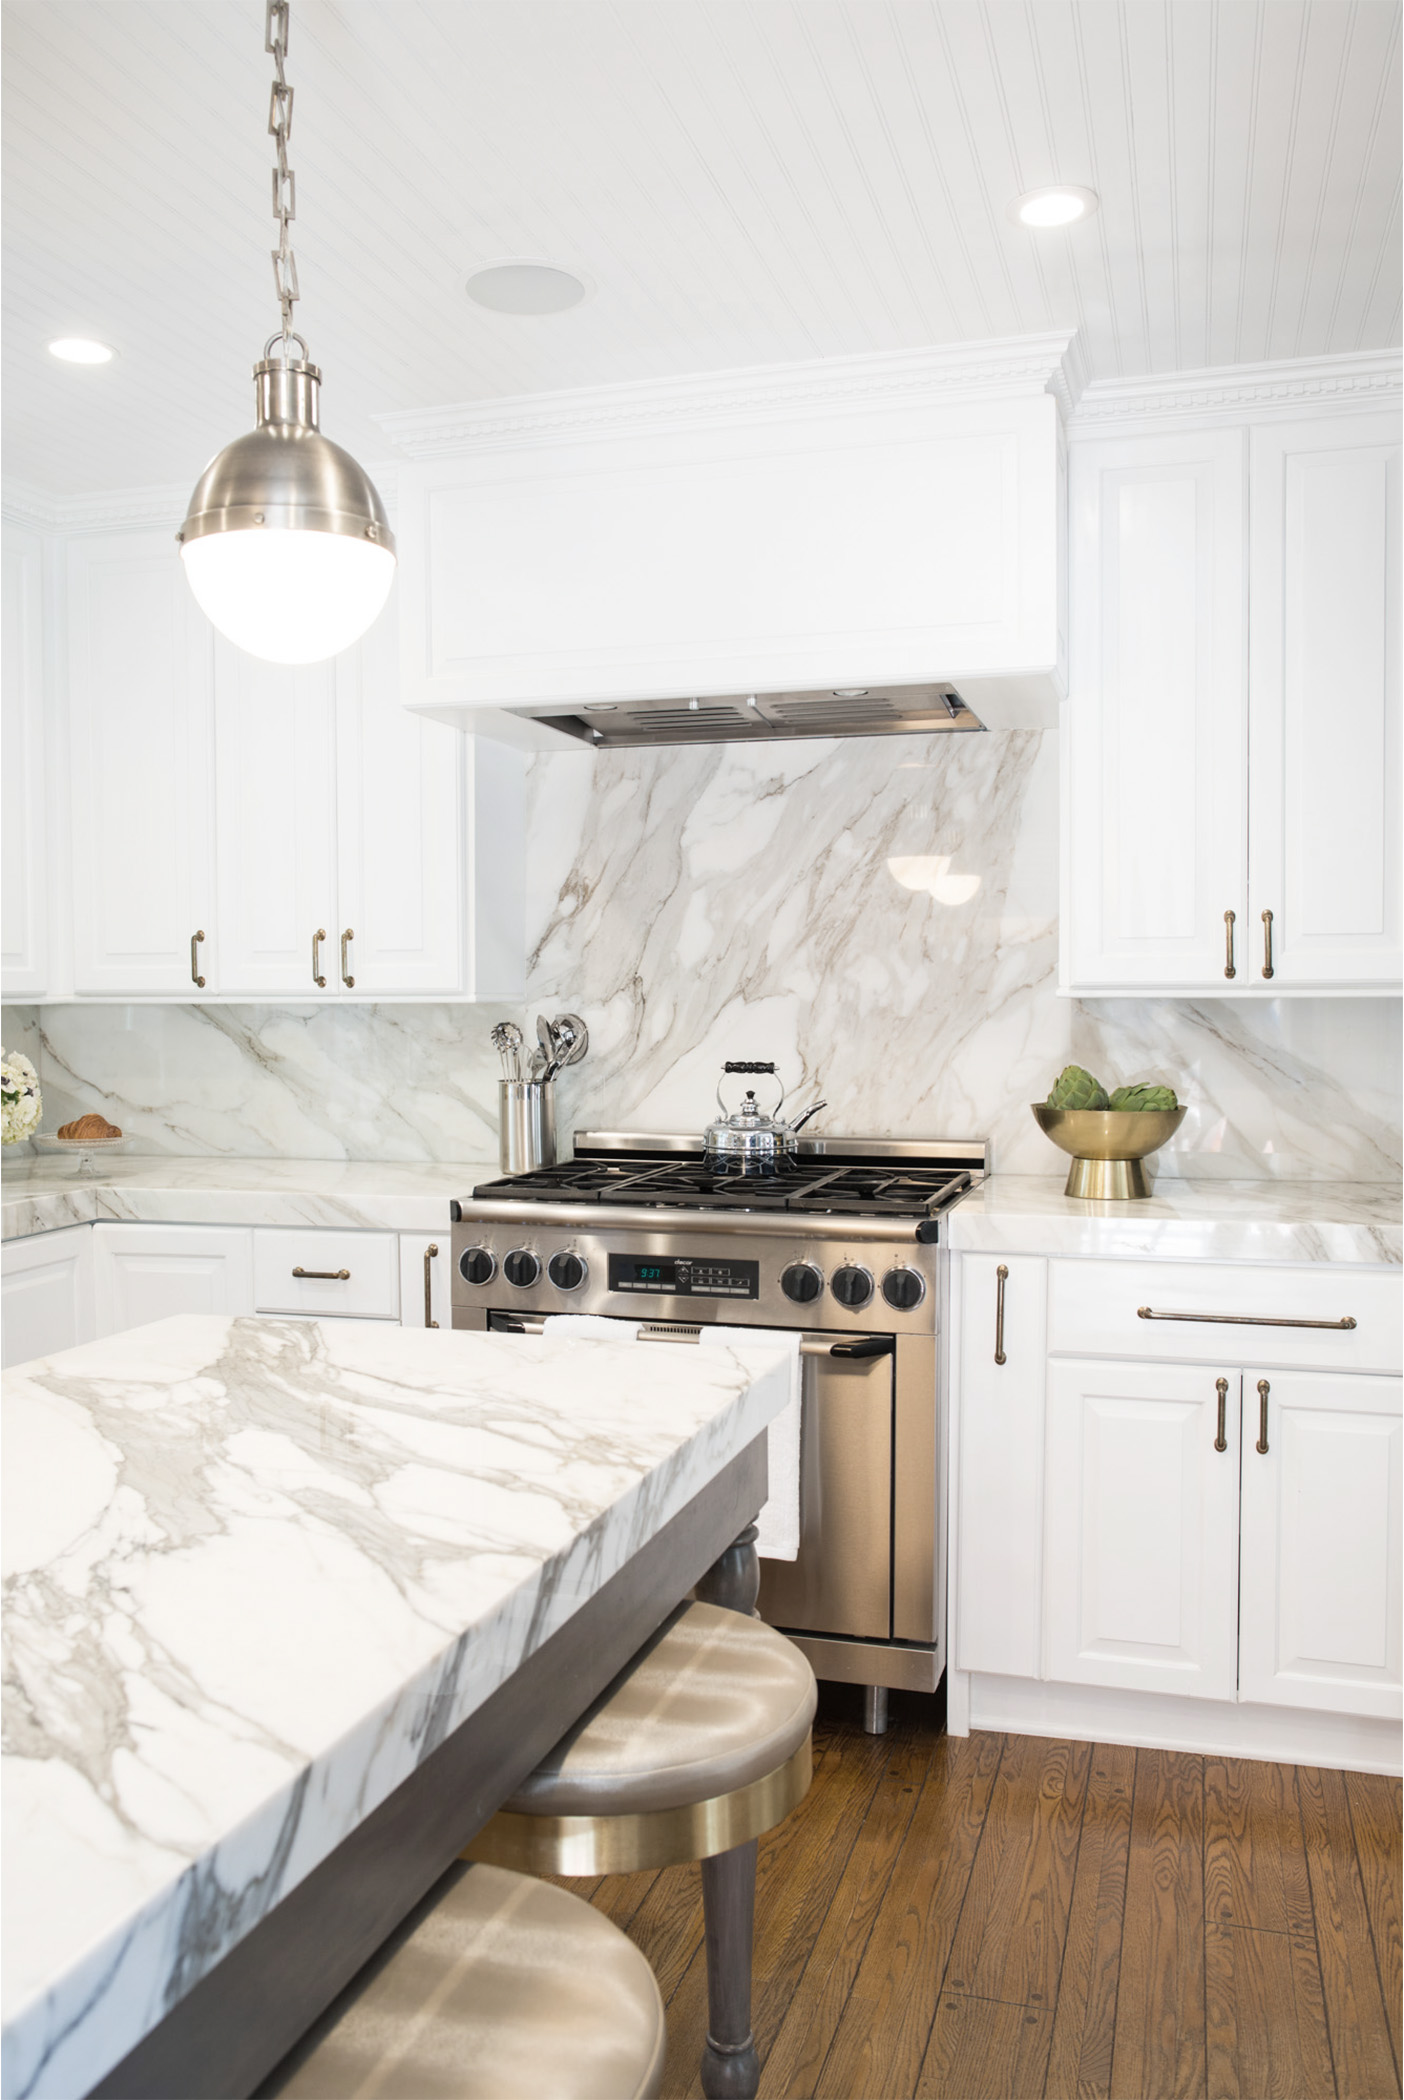 Uncategorized Kitchen Details And Design kitchen cococozy designer remodel budget details